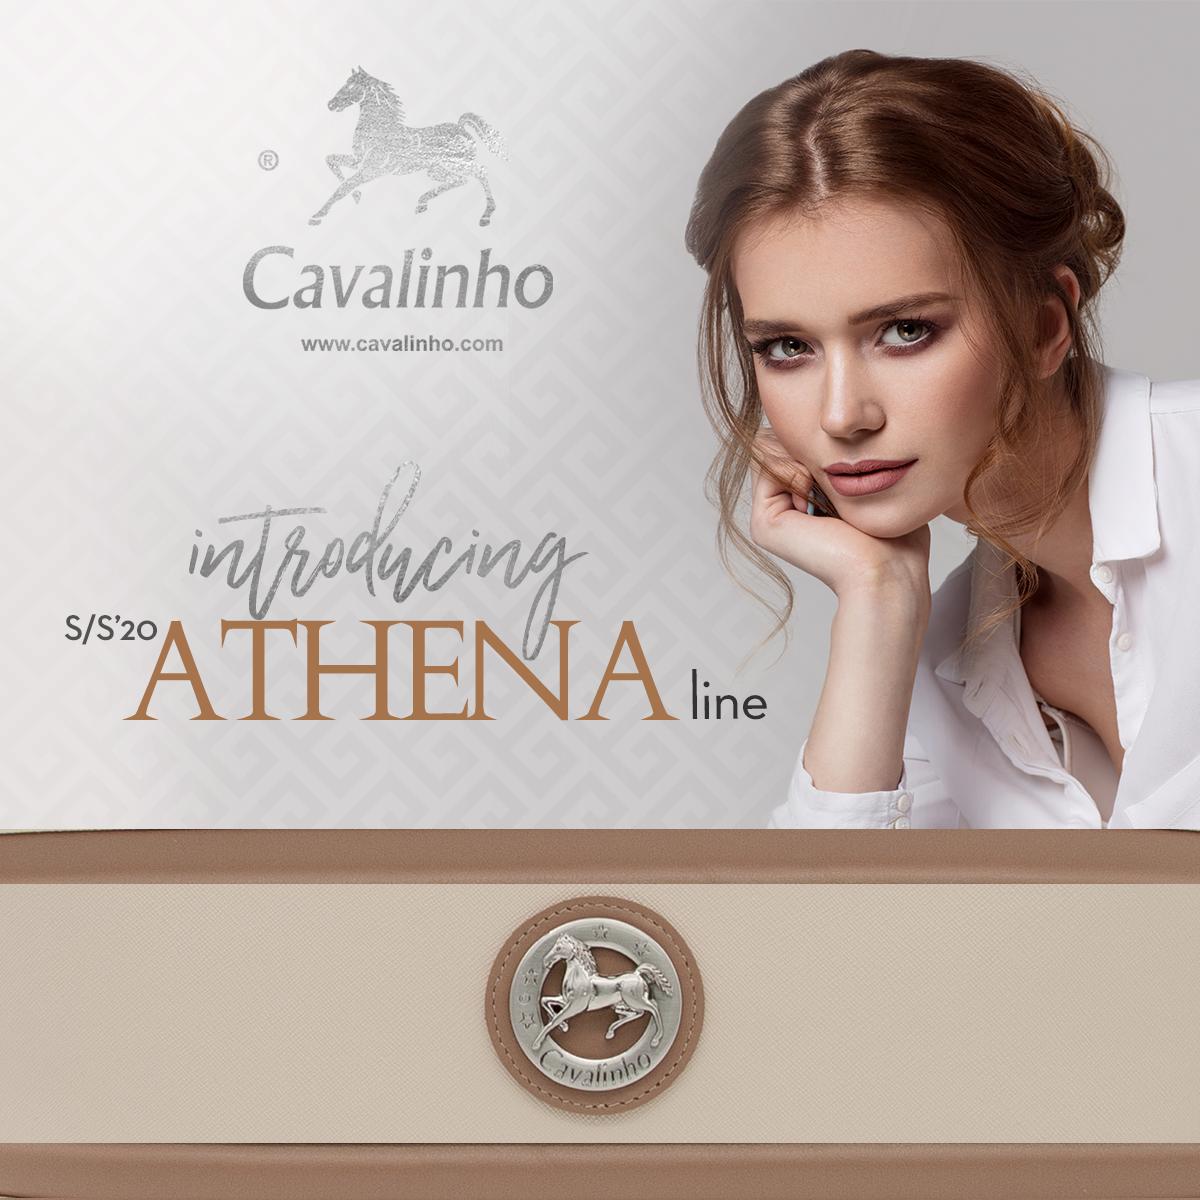 athena_16_01